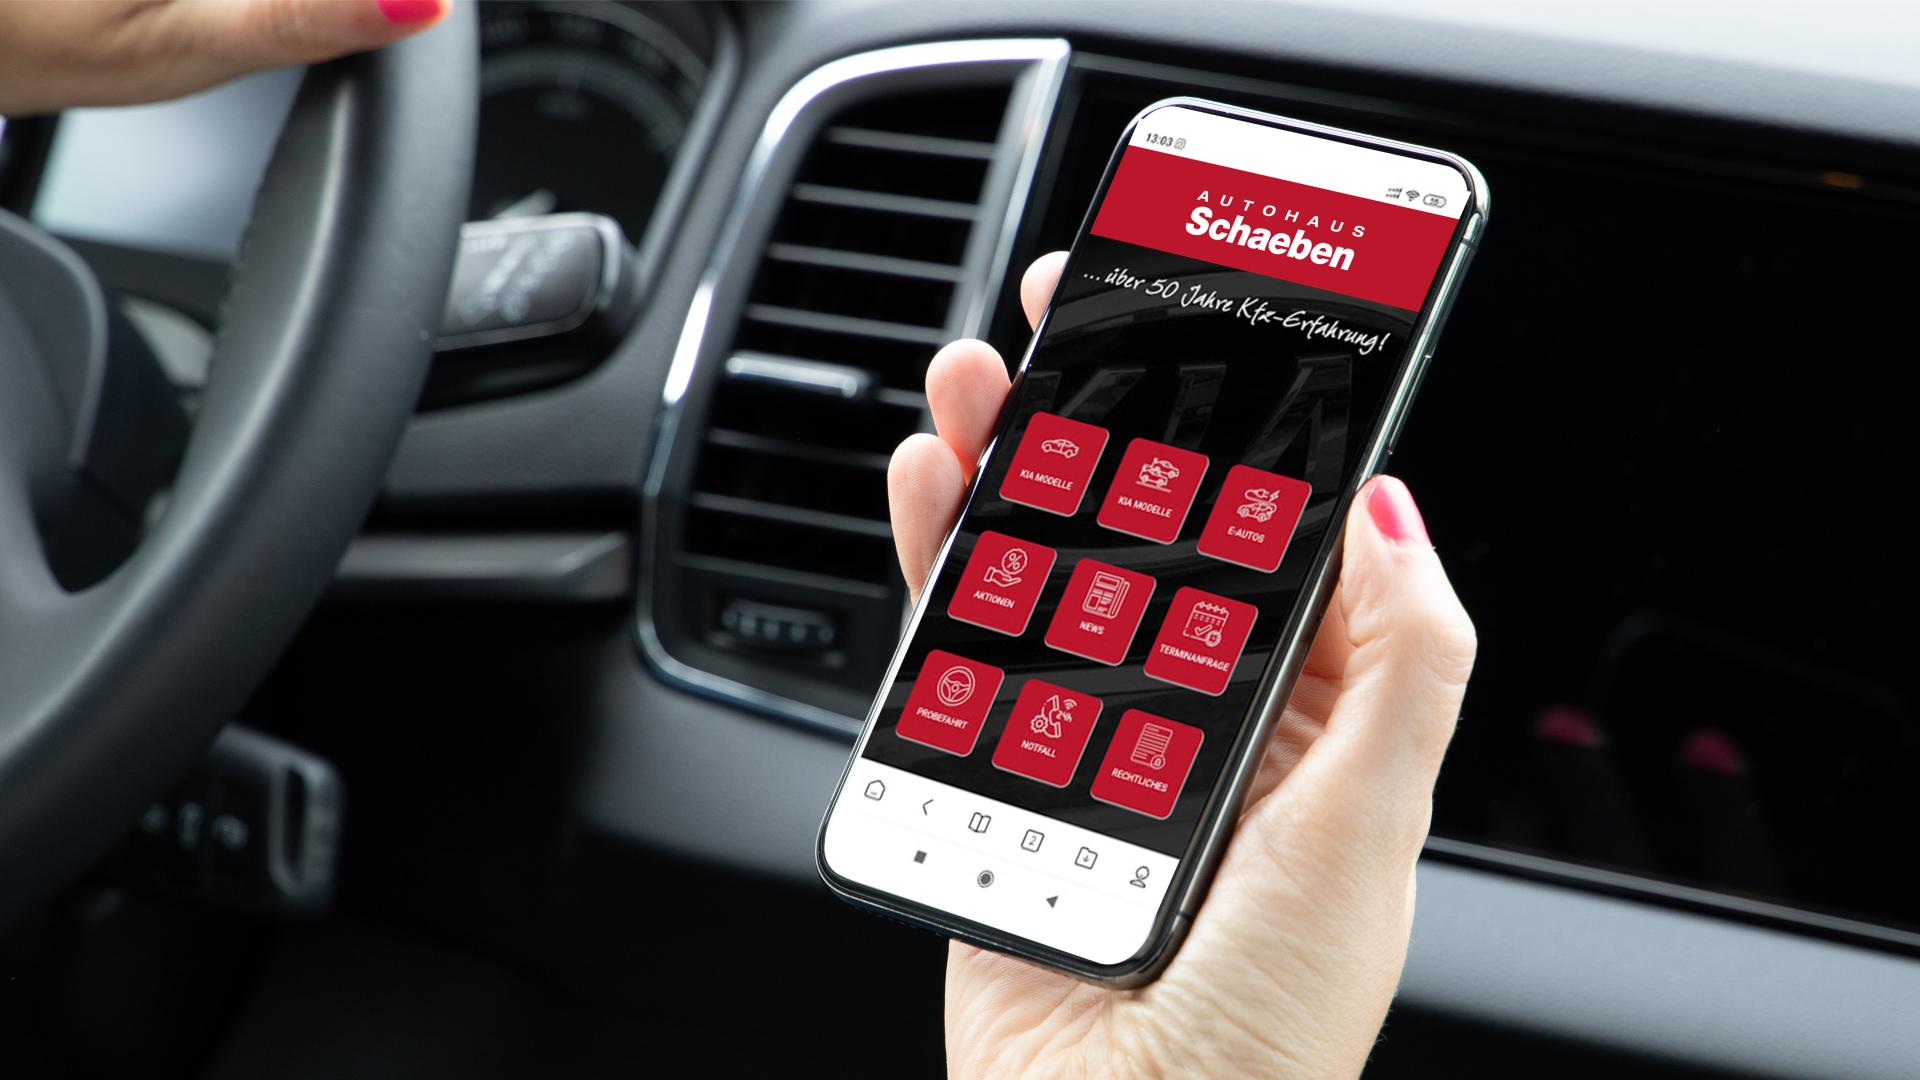 Die Autohaus Schaeben App